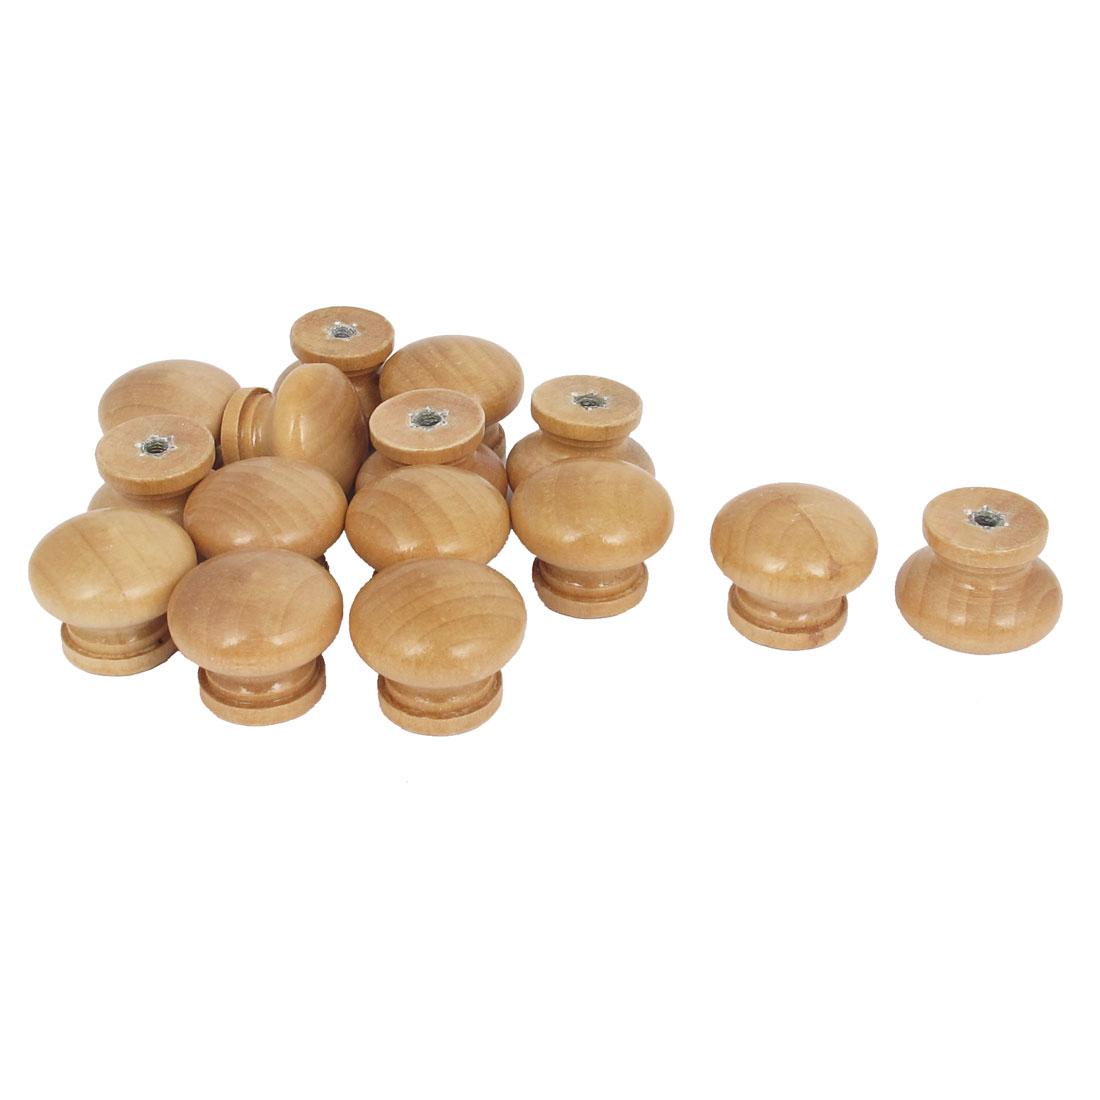 Cabinet Cupboard Dresser Drawer Round Wooden Pull Knob Handle Beige 15Pcs